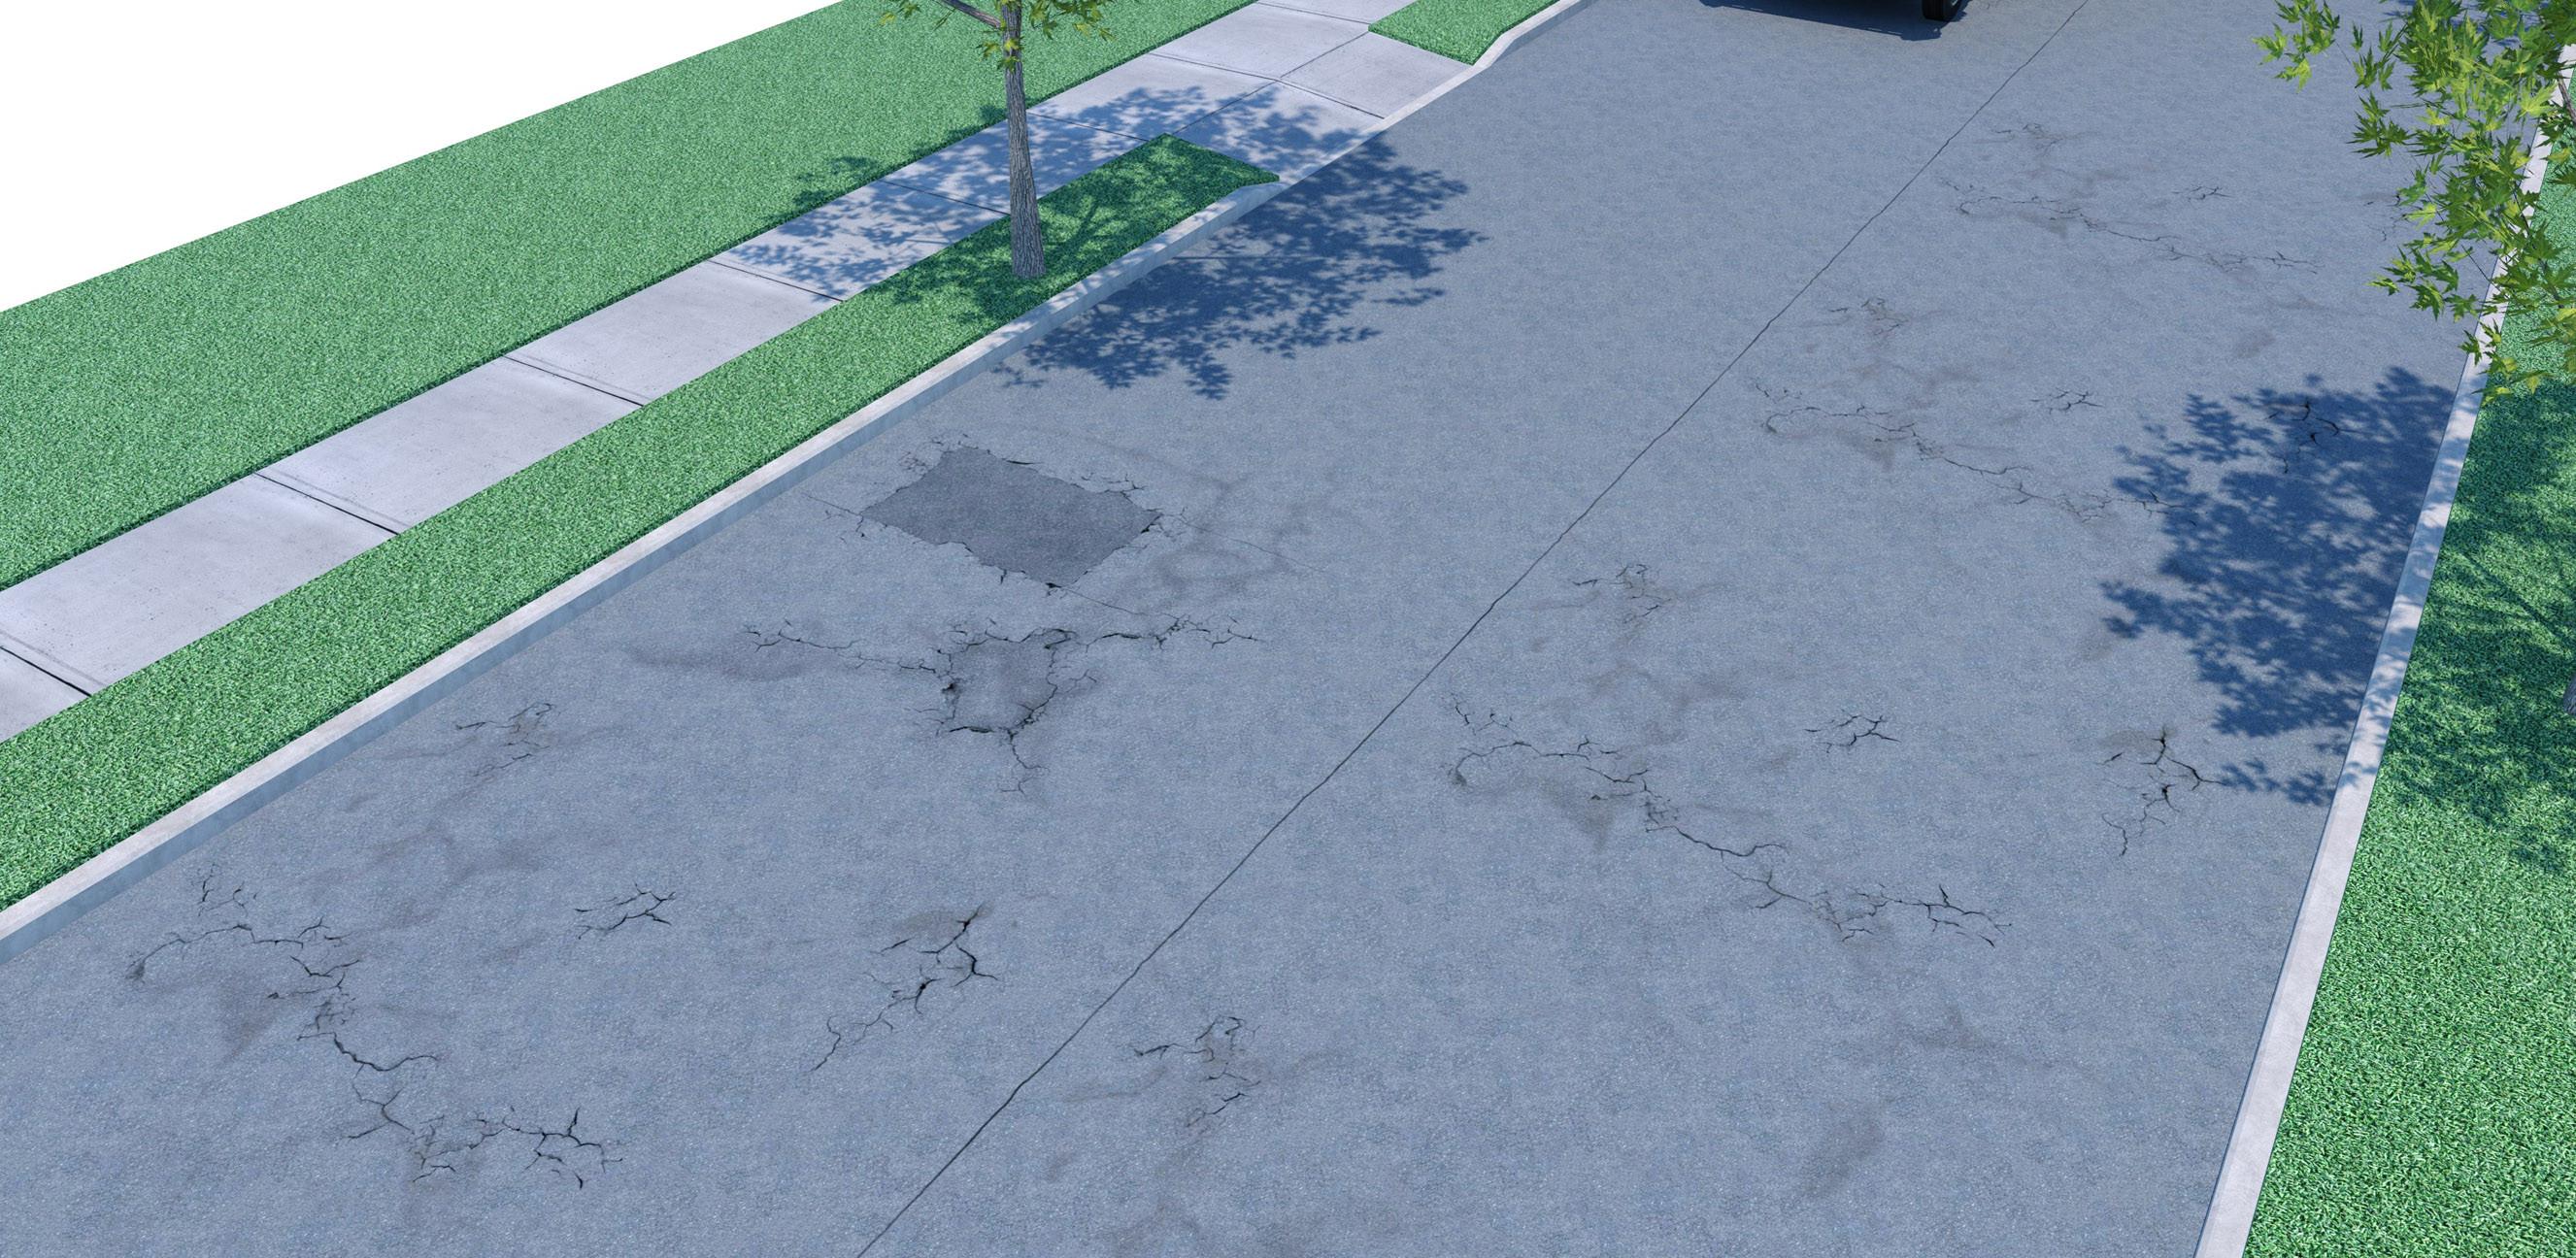 asphalt sample 2a.jpg